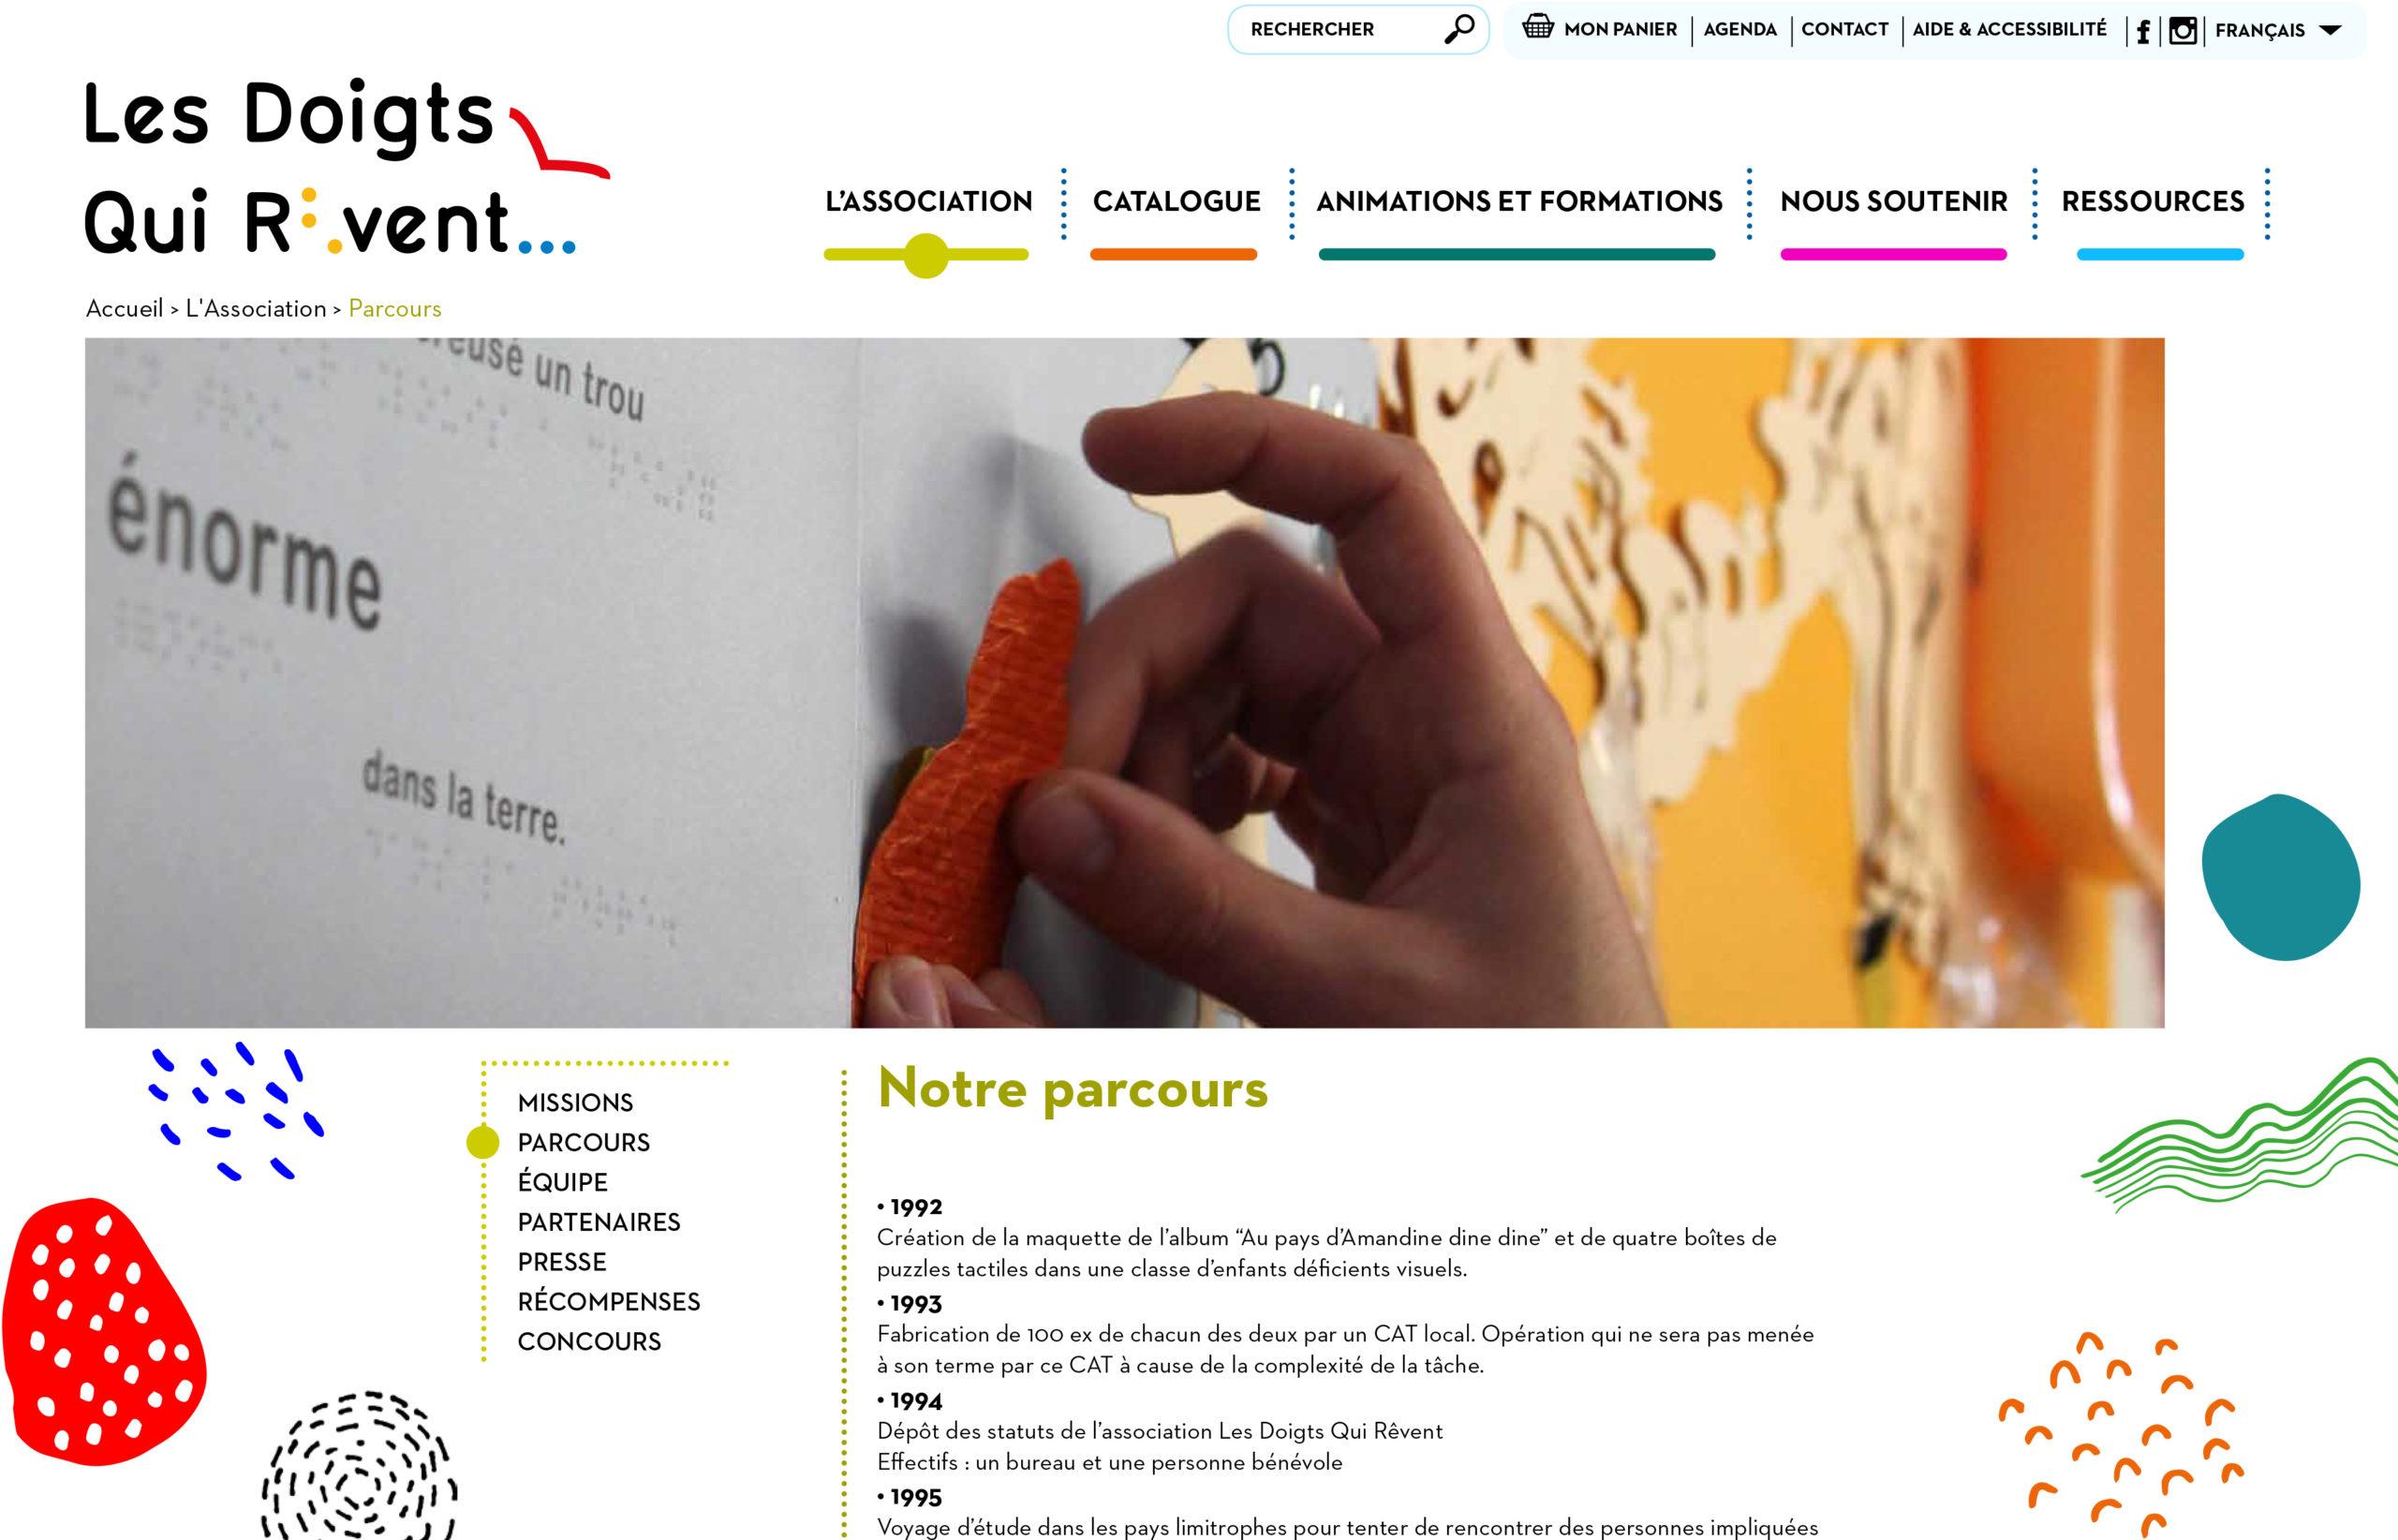 Pages-Asso-soutien-ressource-agenda-boutique-1